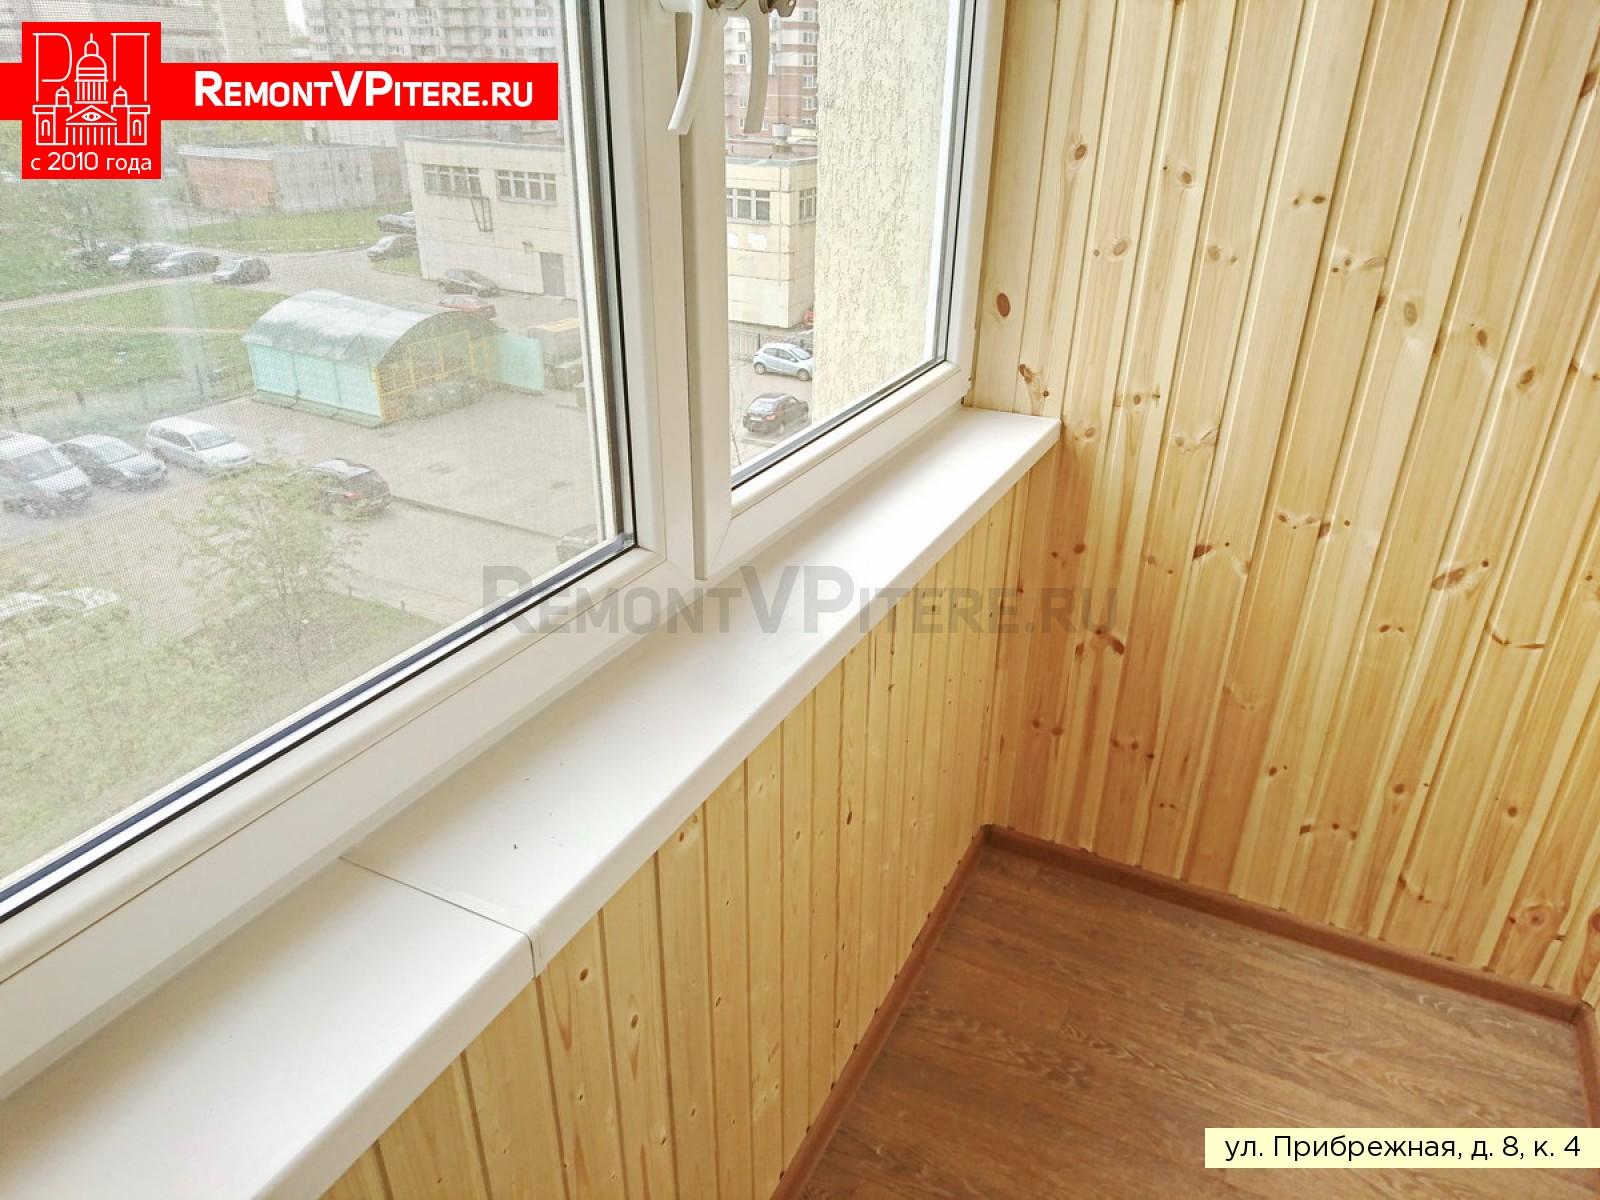 Установленный подоконник на балконе